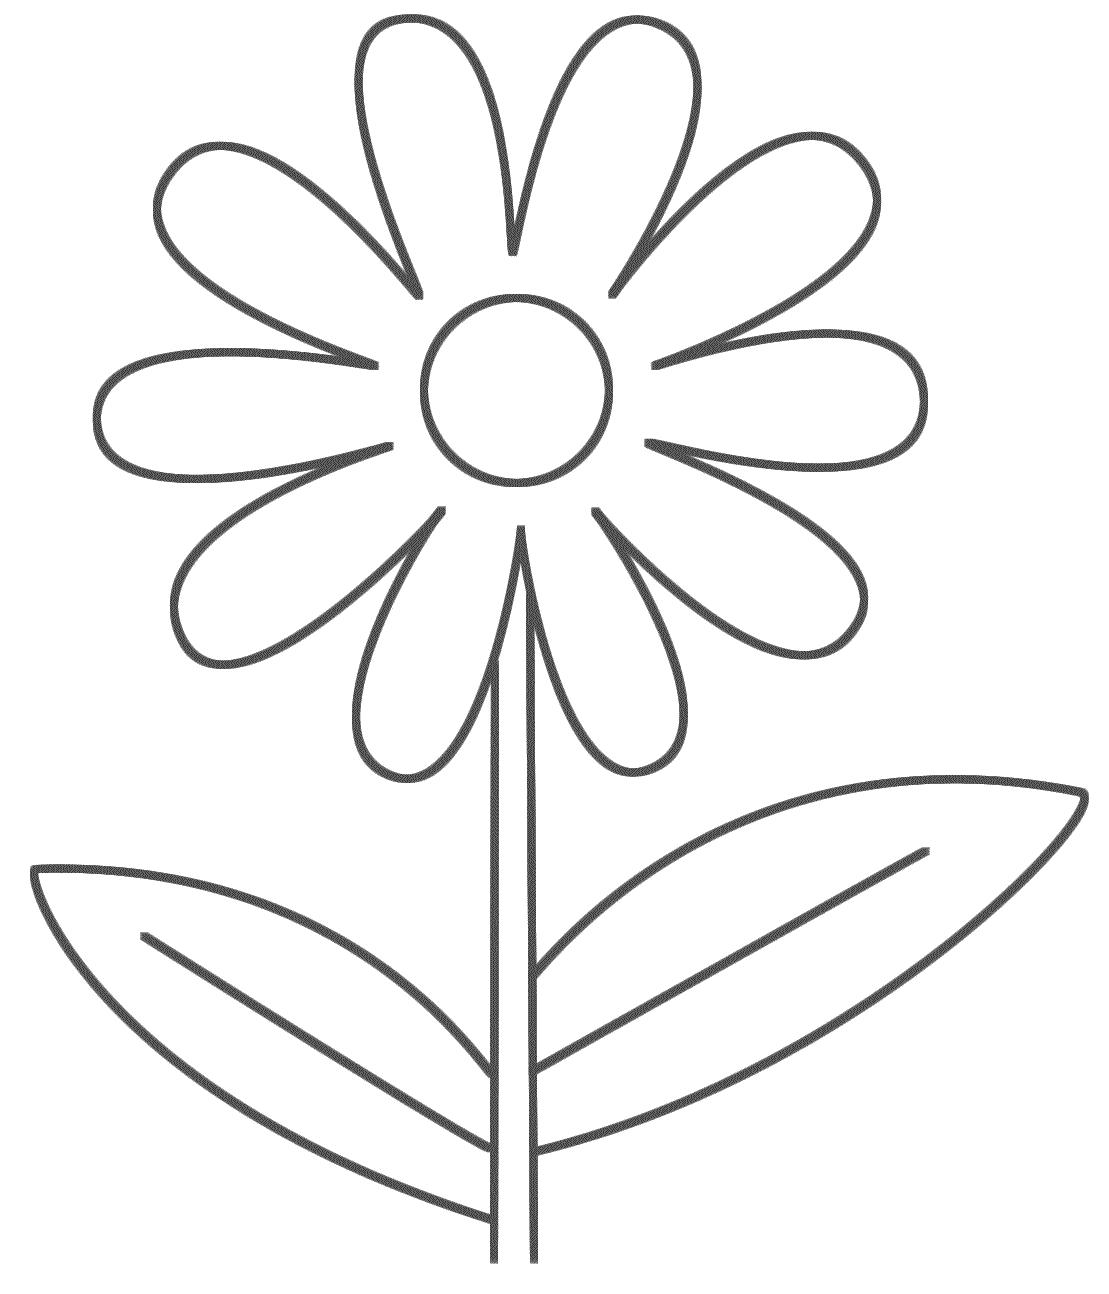 Dessins Et Coloriages Page De Coloriage Grand Format A Imprimer Une Fleur Simple Ideale Pour Les Petits Enfants